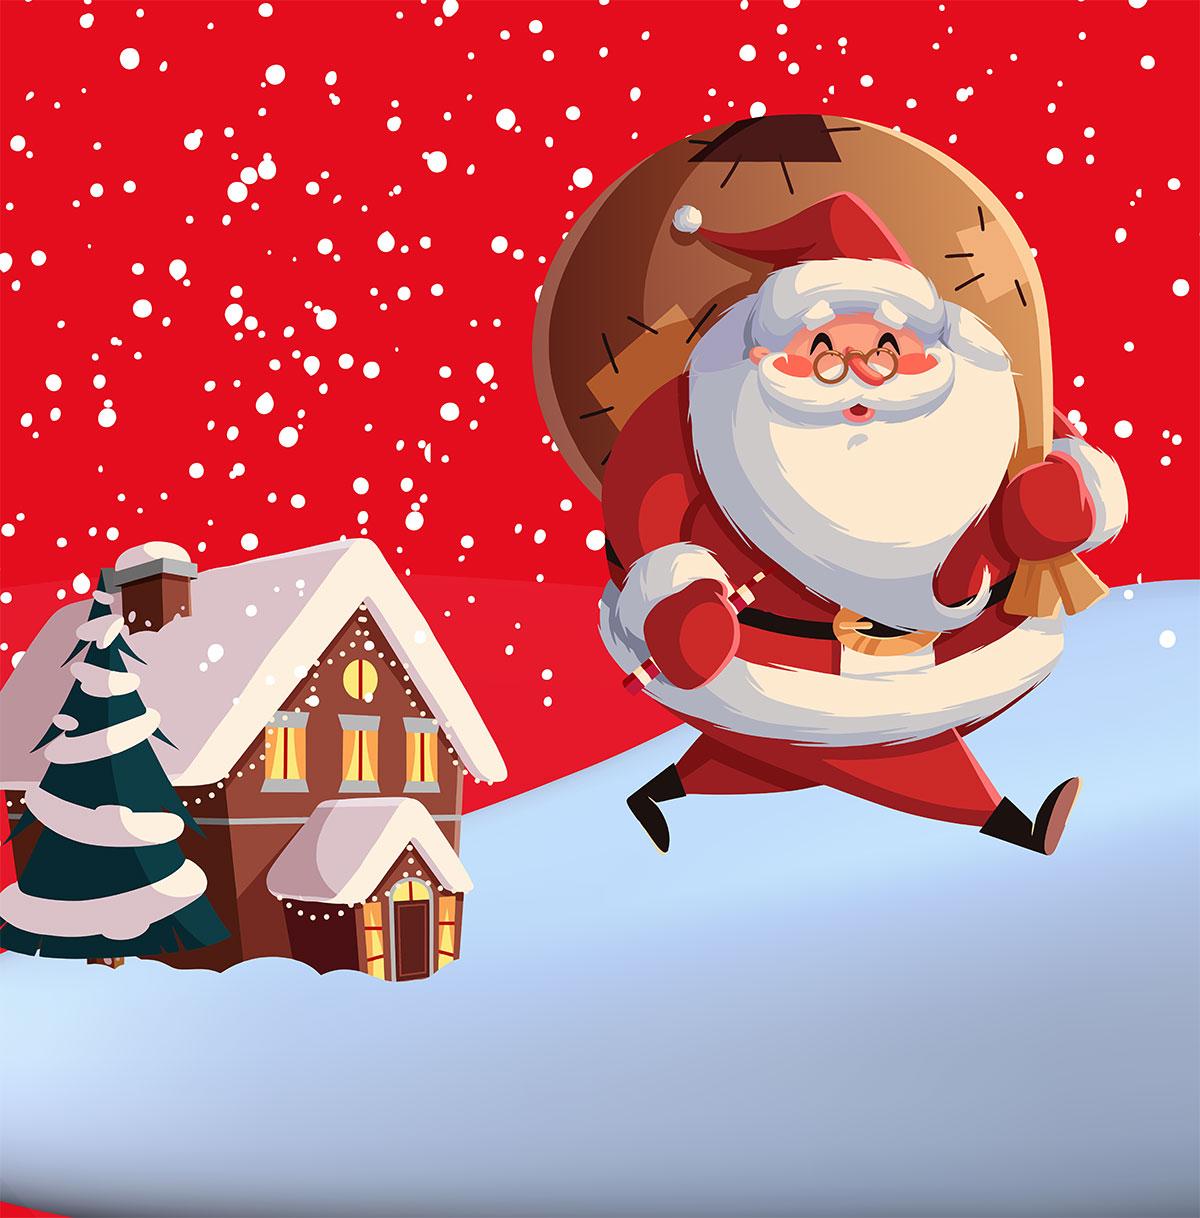 Ven a ver a Papá Noel y ¡hazte una foto con él!